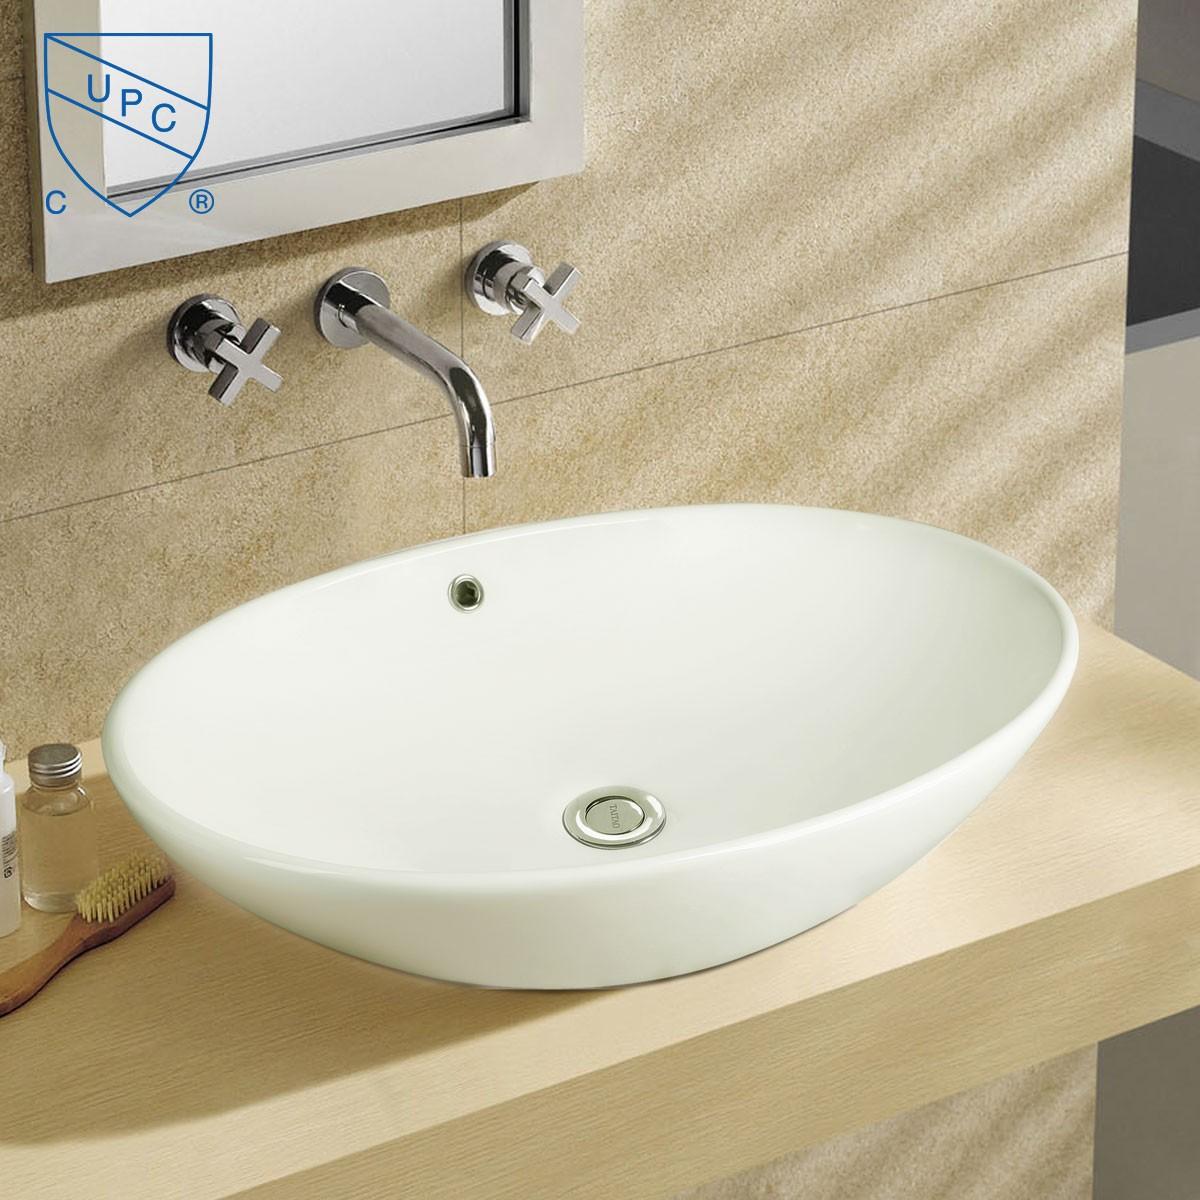 Lavabo vasque de dessus de comptoir en c ramique blanche for Dessus de comptoir de salle de bain